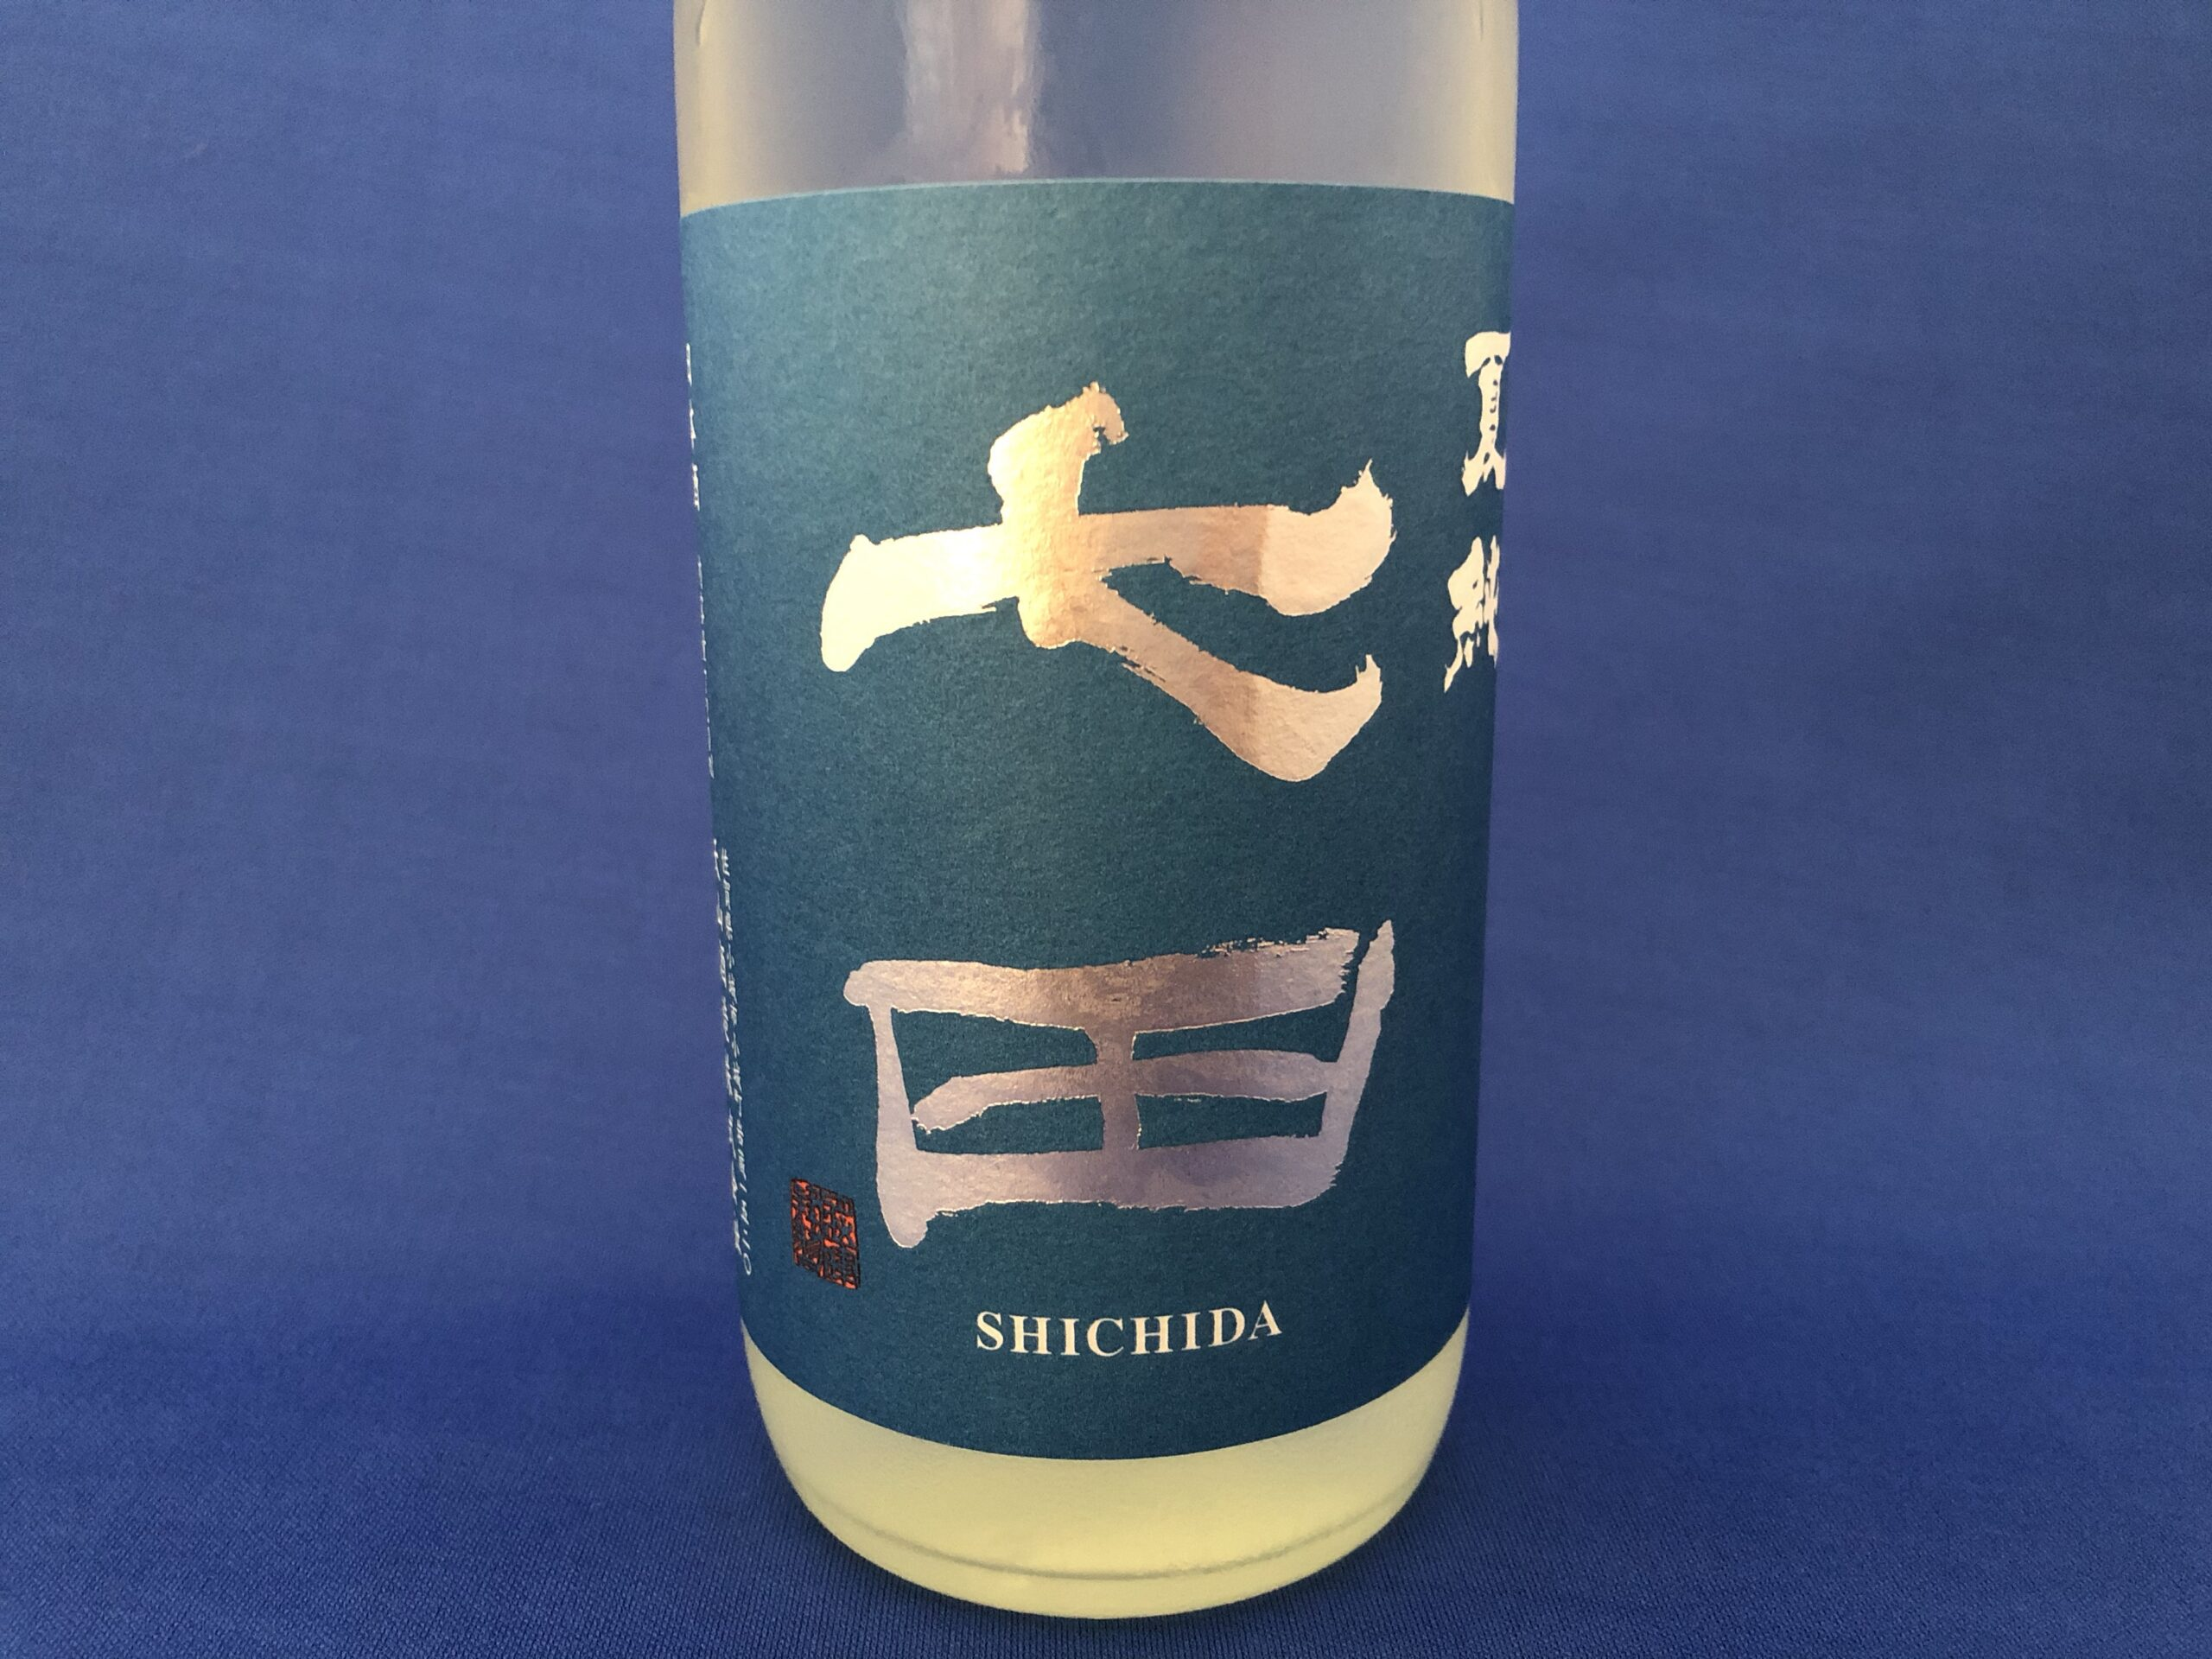 七田の夏酒「夏純」暑い夏に冷やしてサクサク飲める純米酒